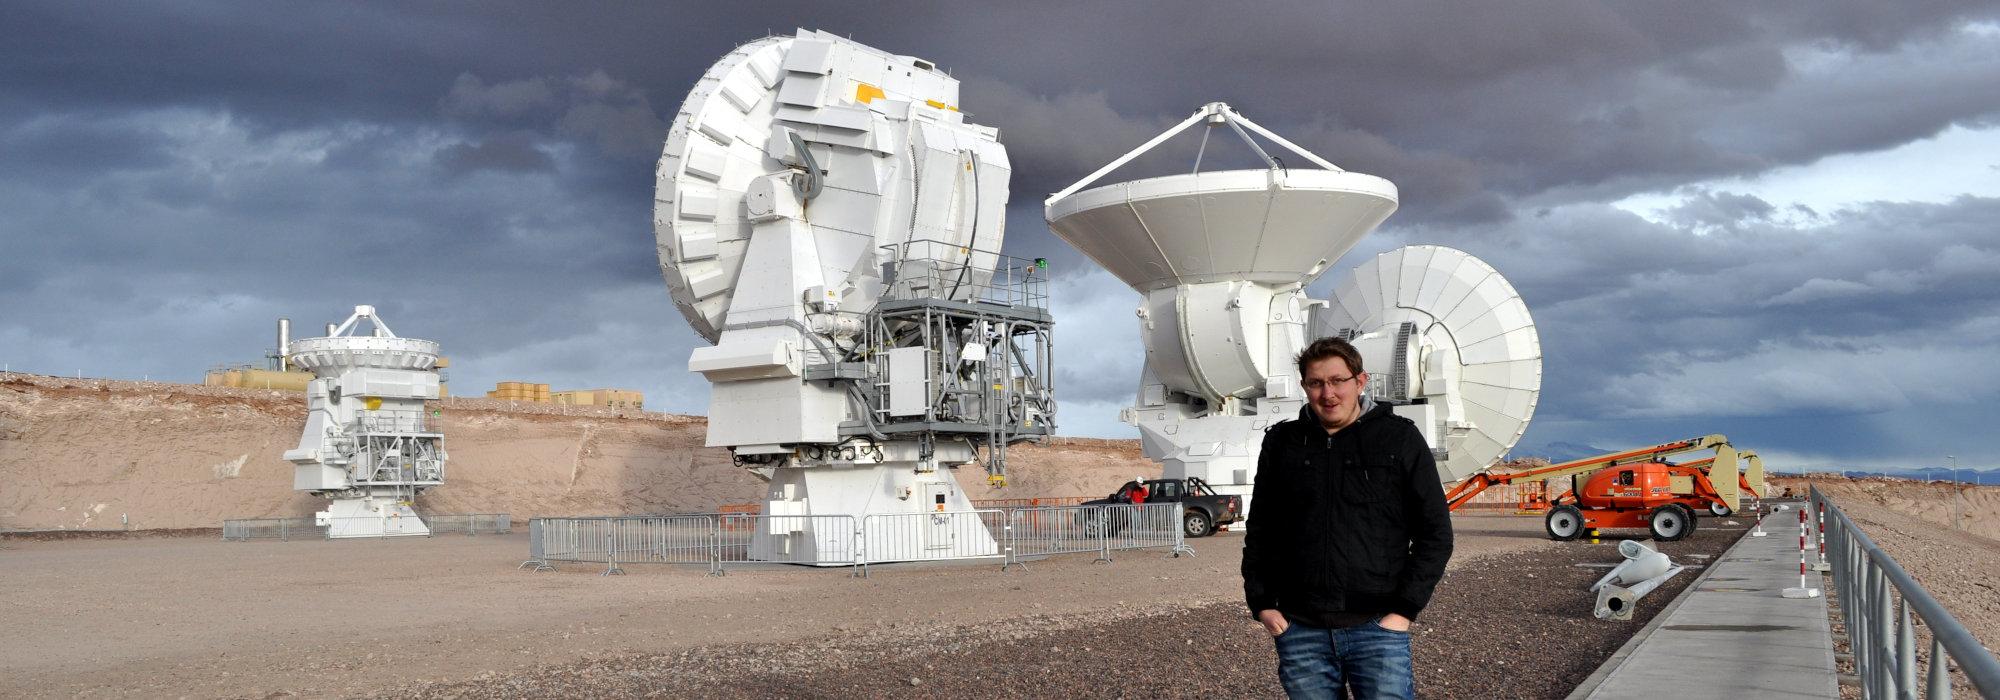 Radyo Astronomumuz Umut Yıldız ile söyleşi